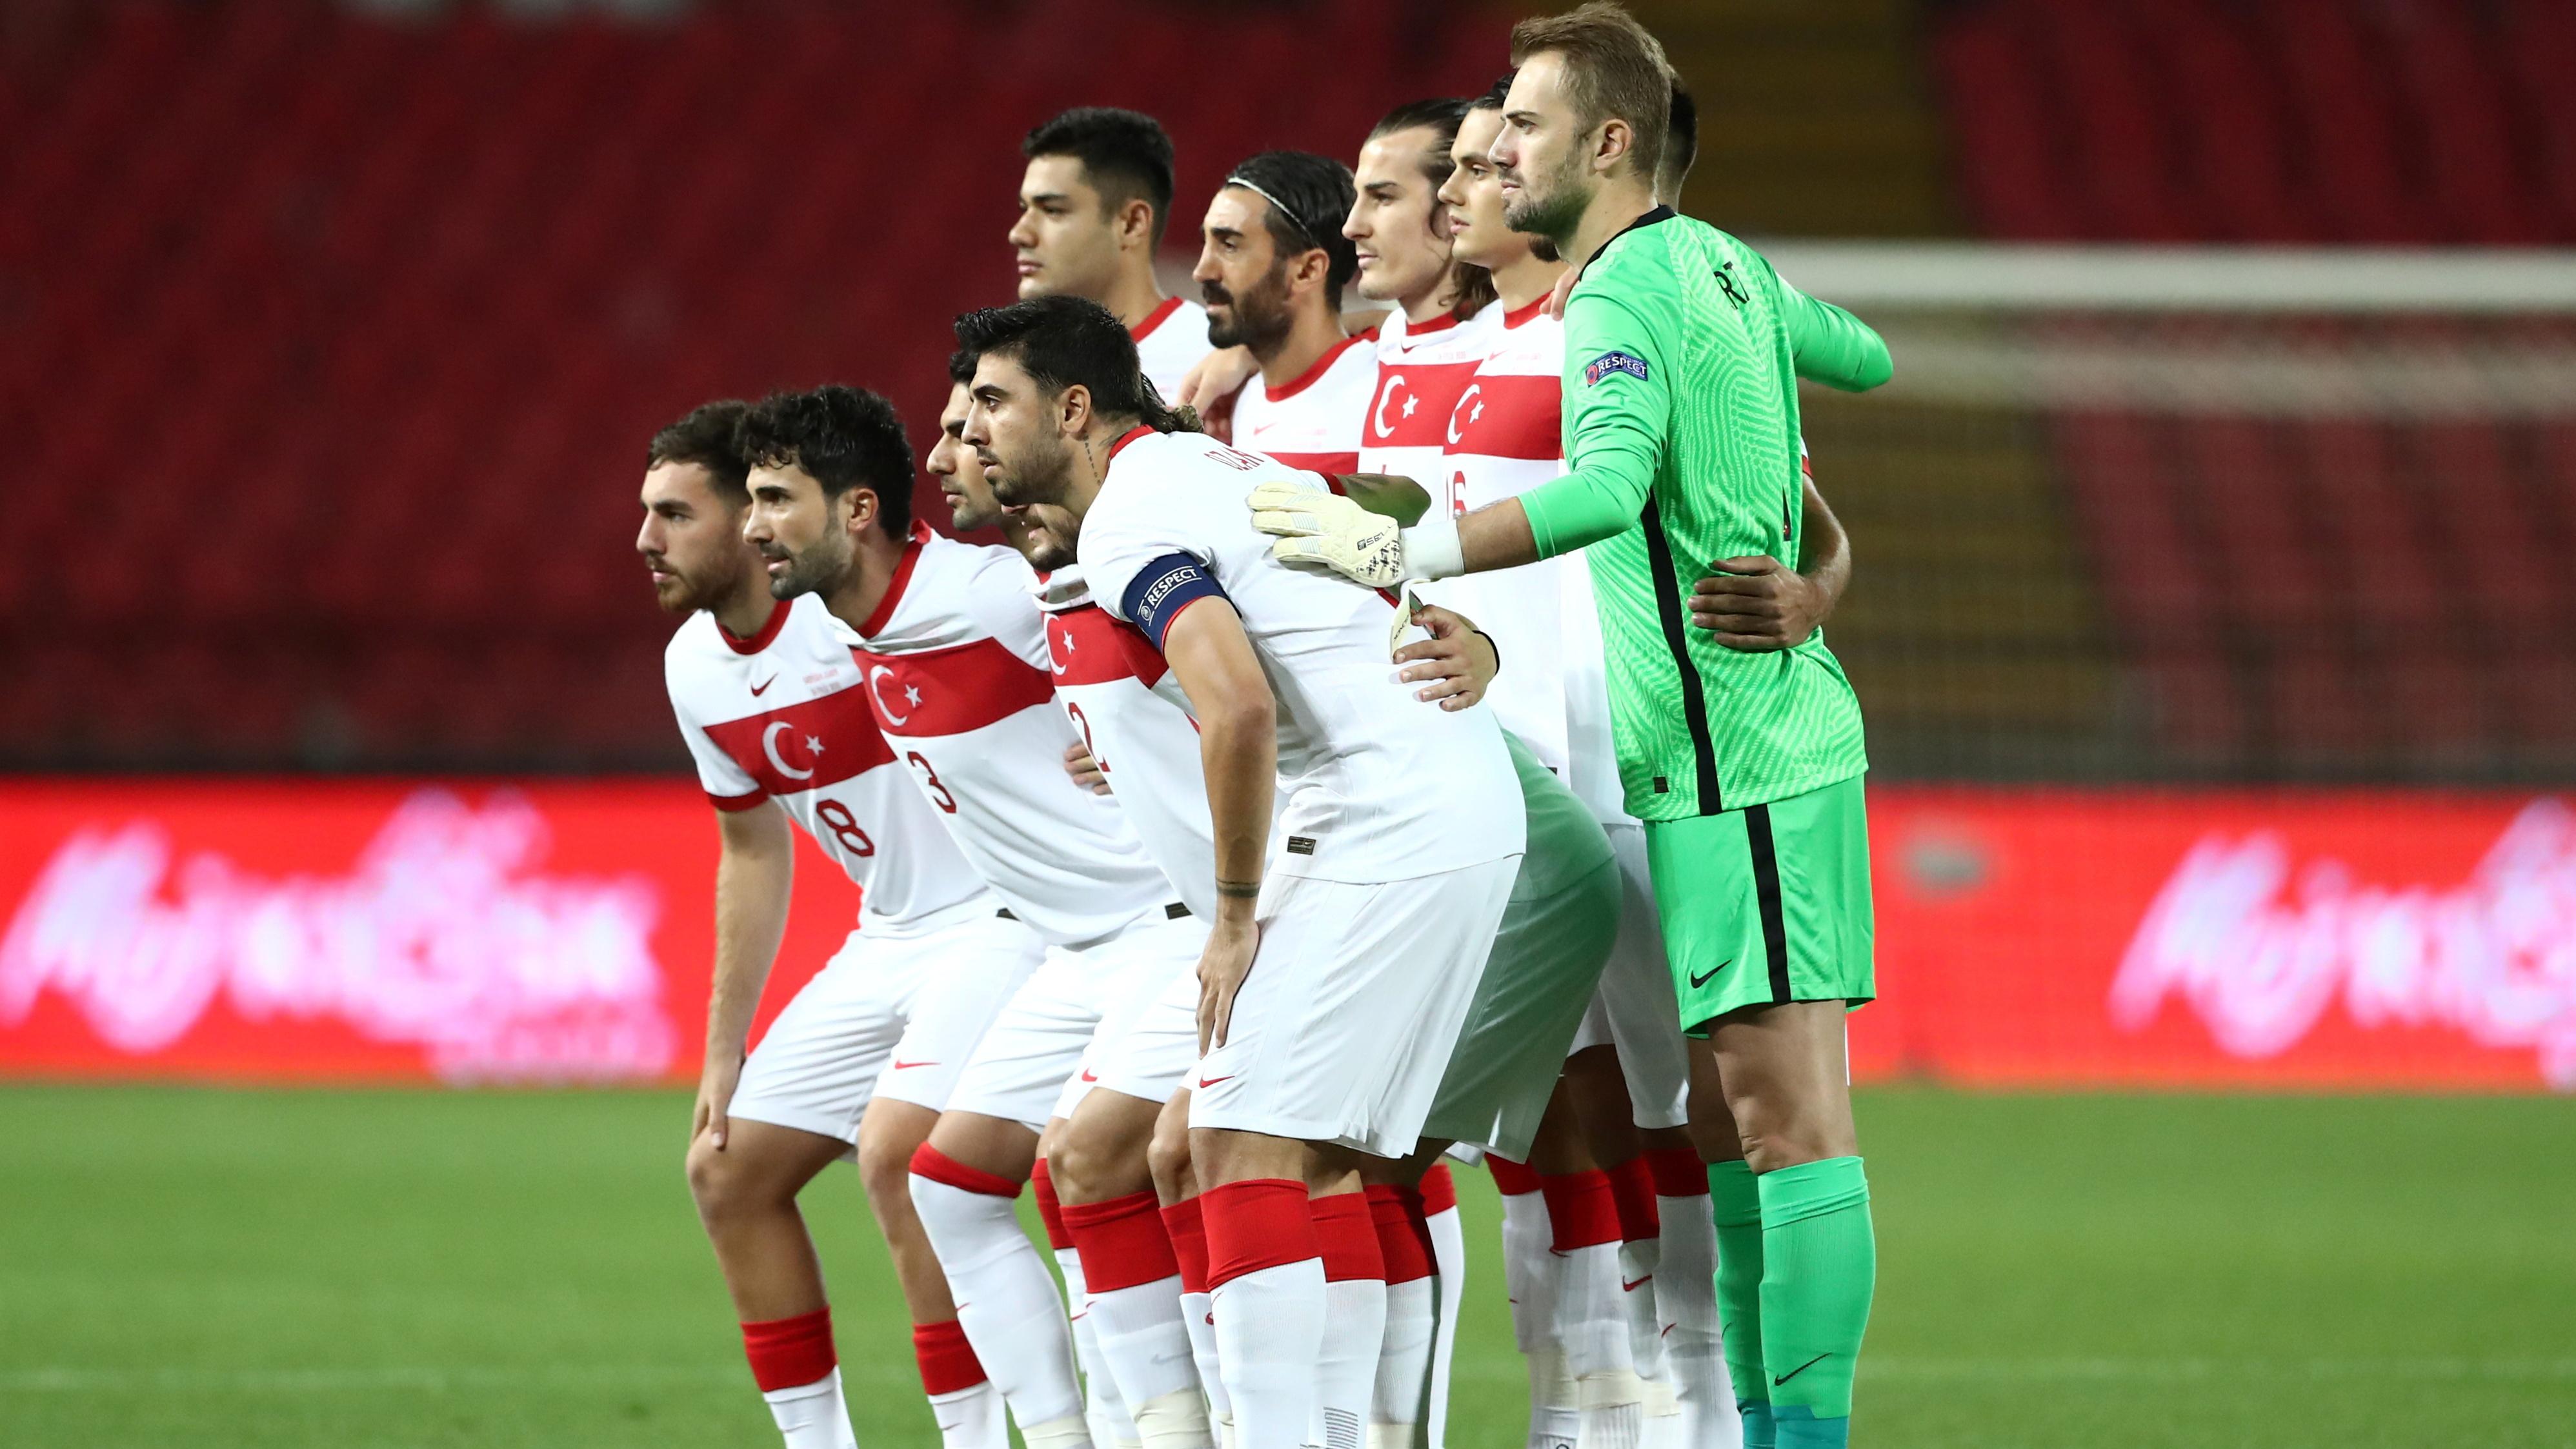 Pertandingan Piala Eropa 2020 antara Turki vs Wales dapat disaksikan secara langsung via link live streaming berikut ini. (foto: REUTERS/Marko Djurica)